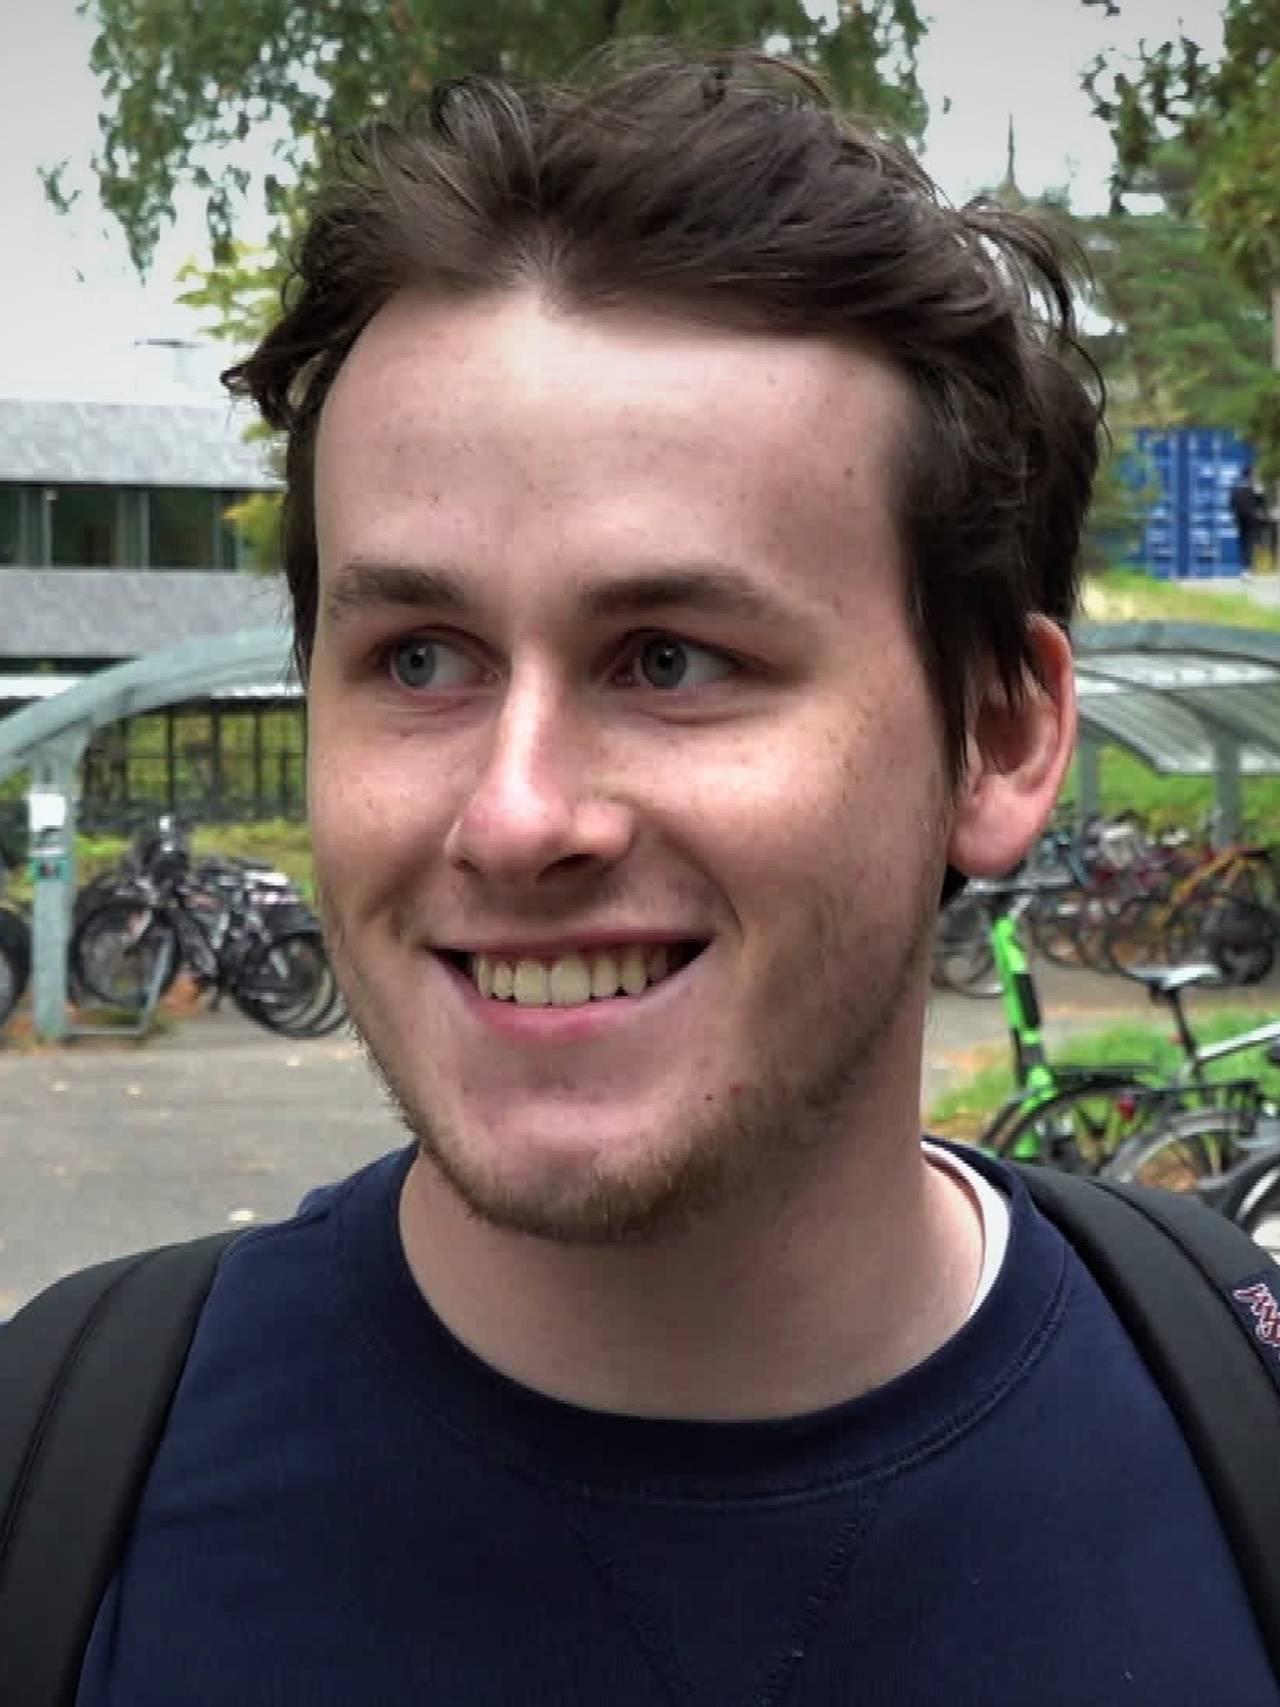 Oscar Anker